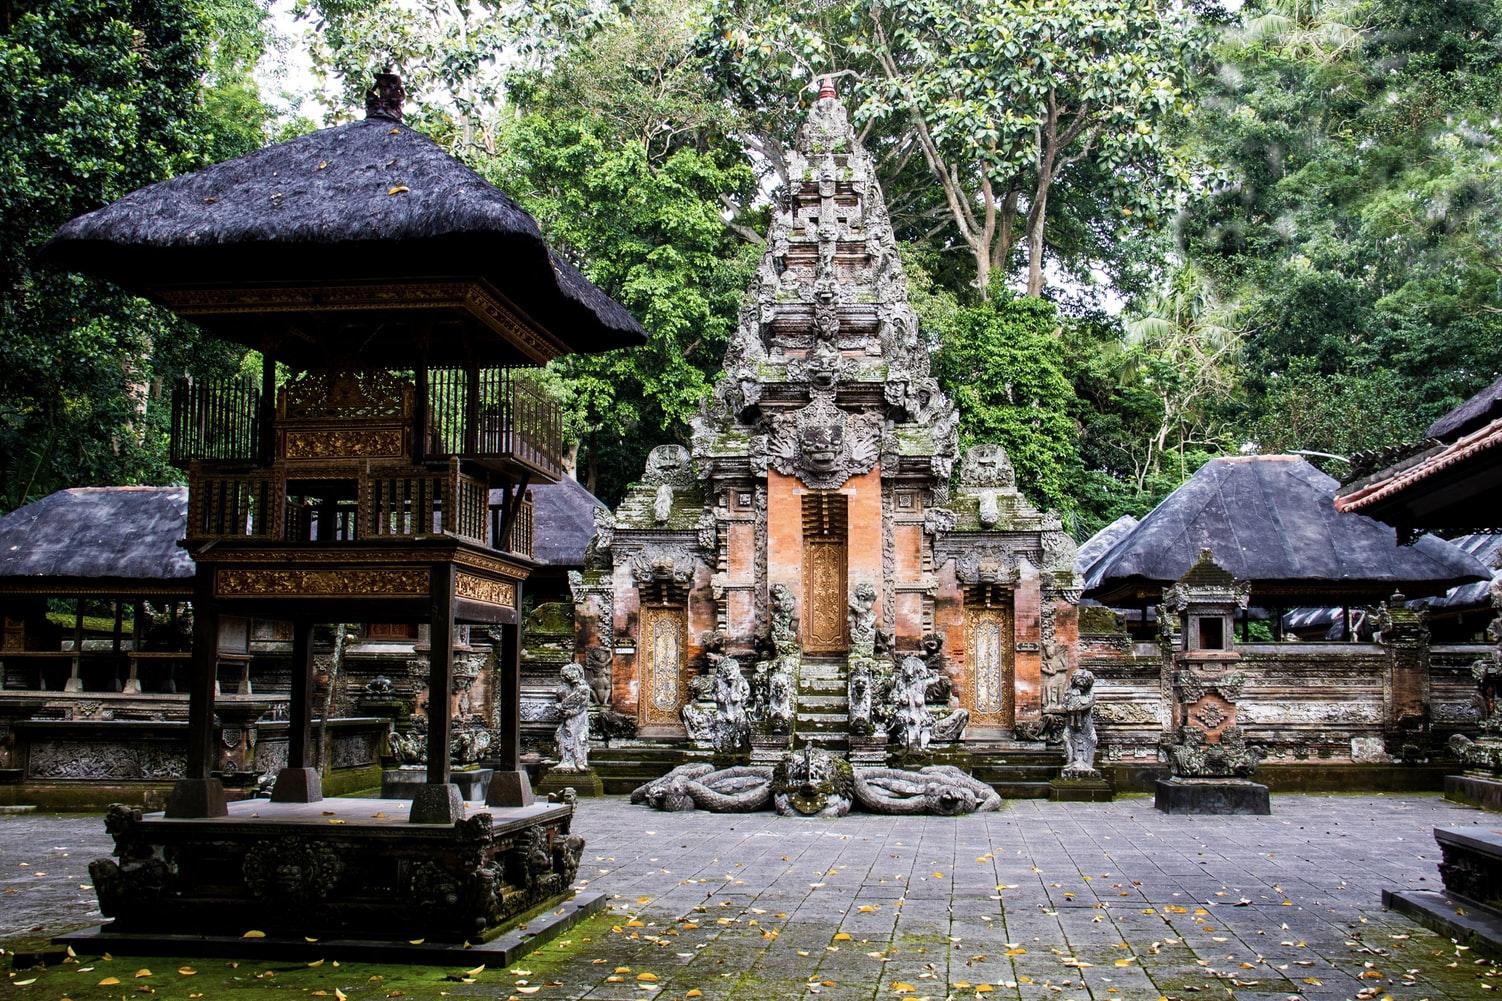 ป่าลิงอูบุด (Ubud Monkey Forest) - เที่ยวบาหลี